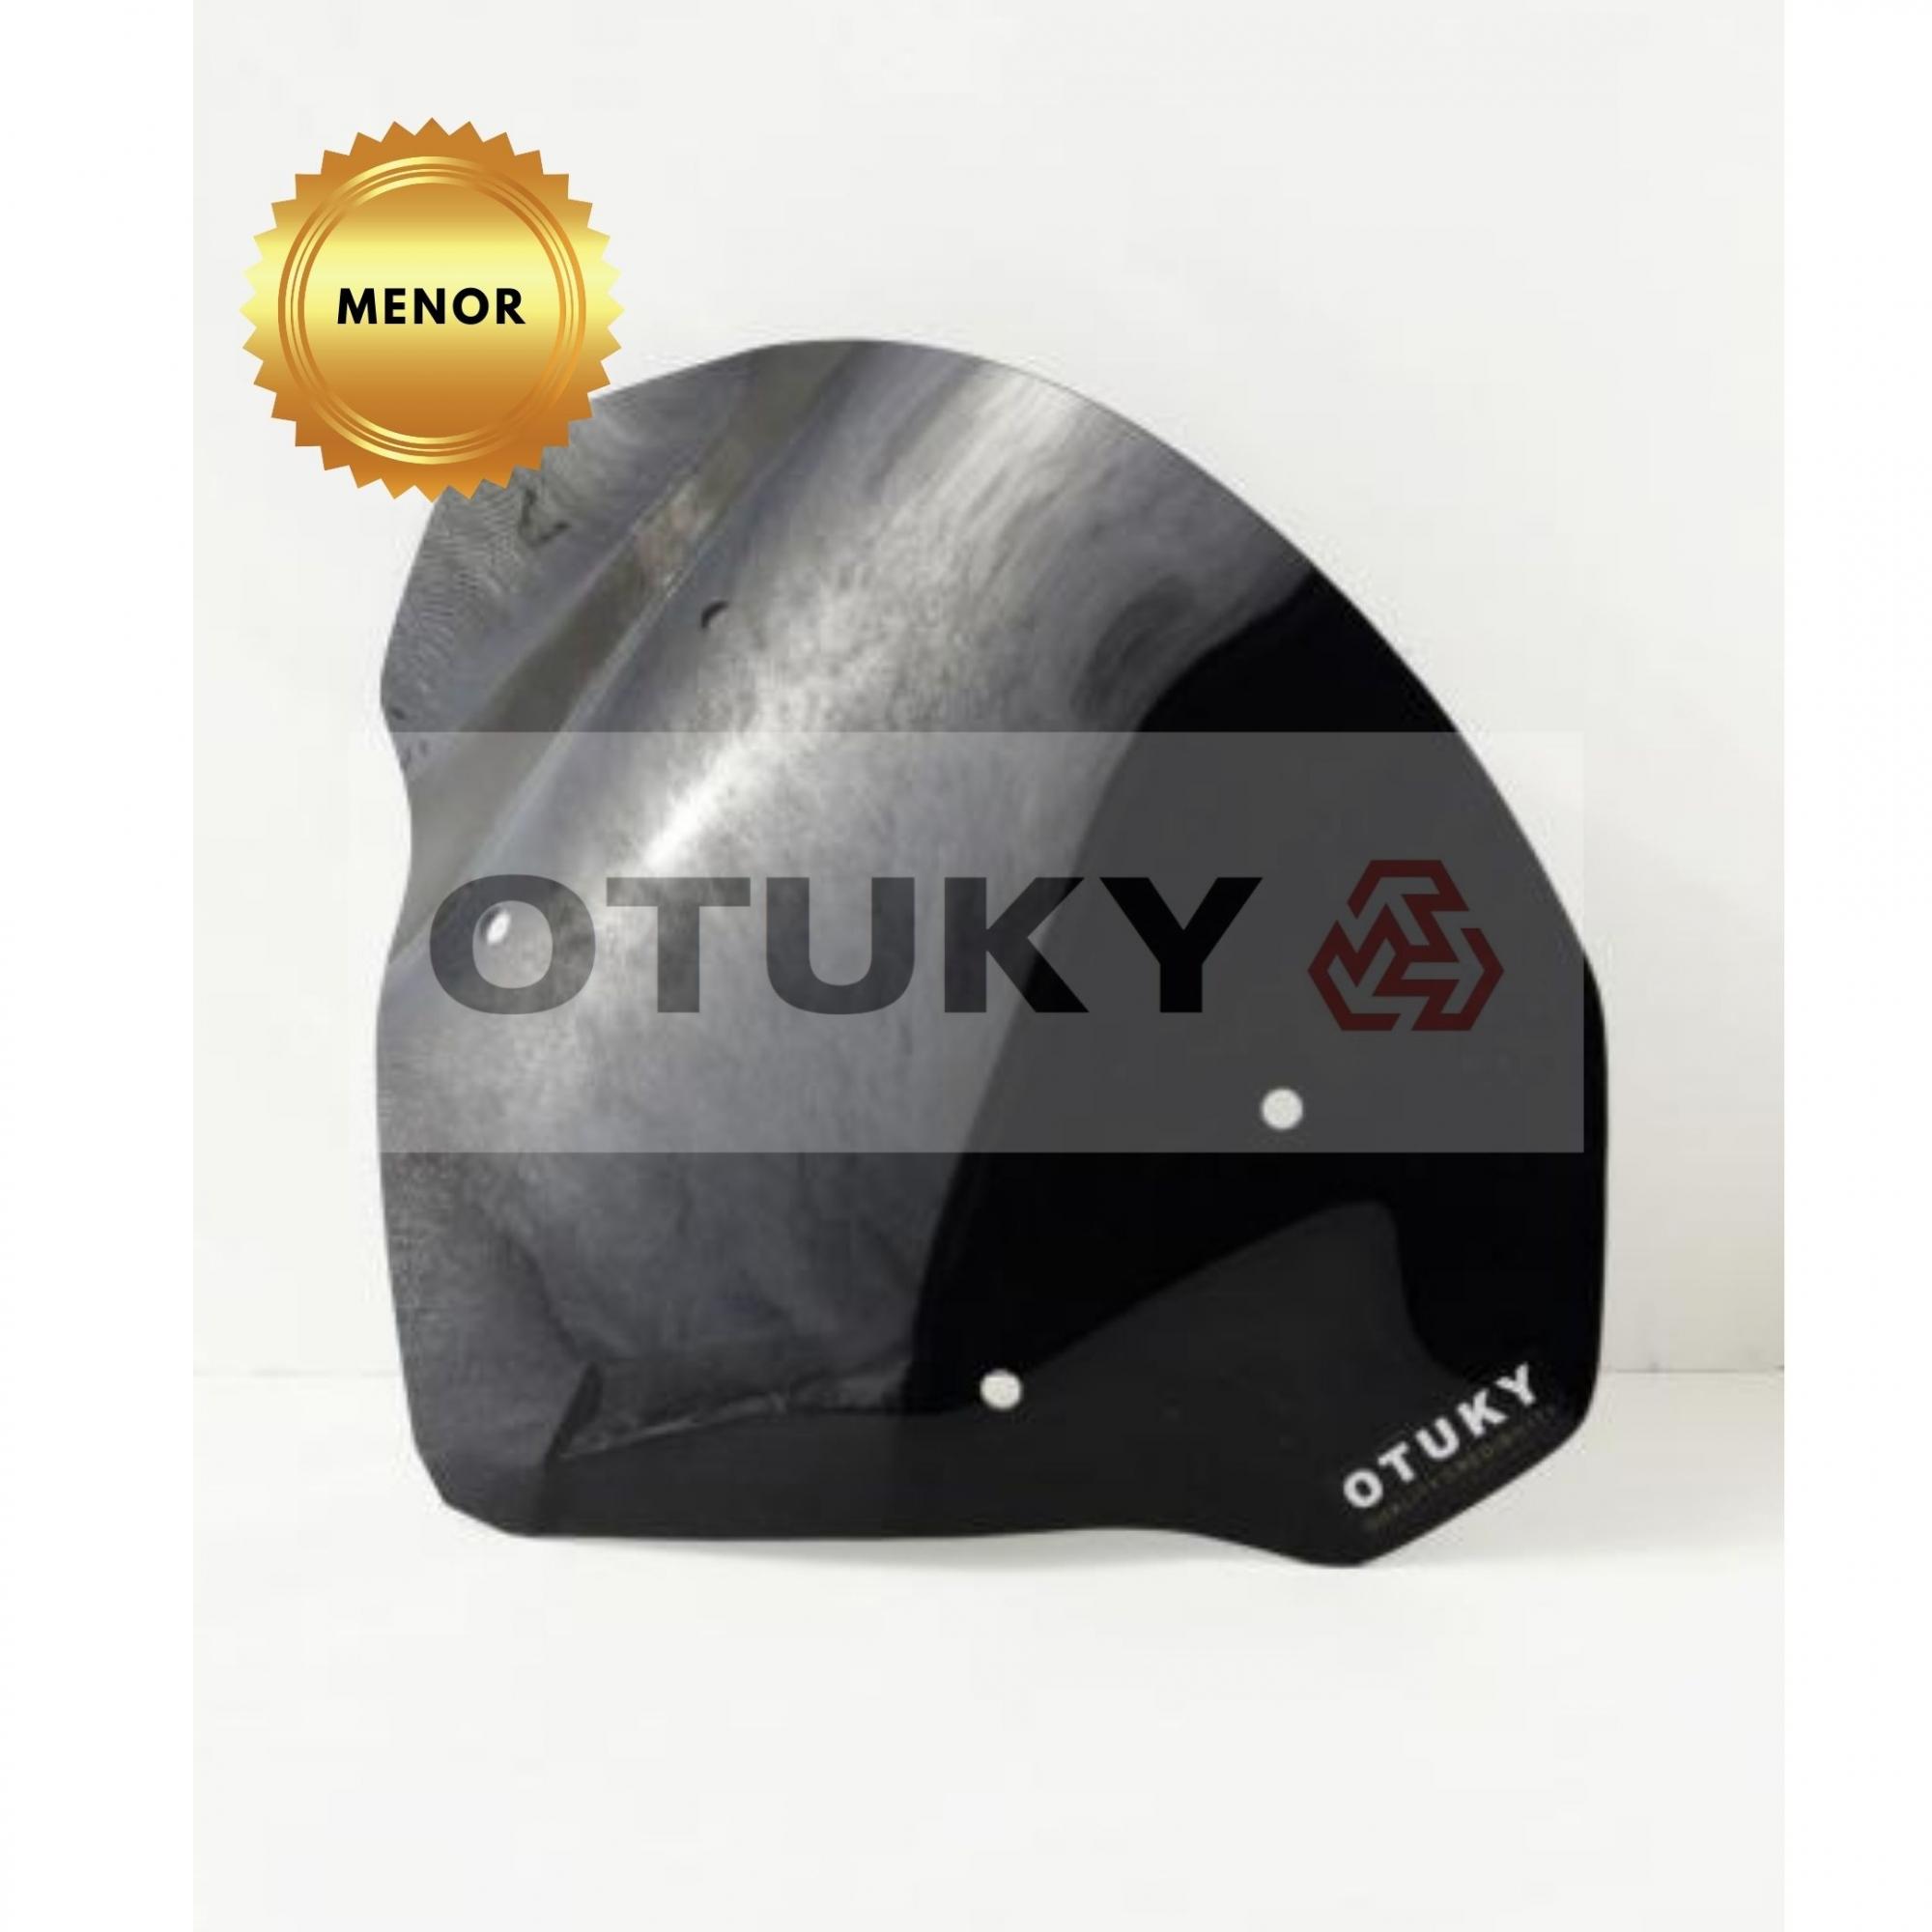 Bolha para Moto Ténéré 250 Xtz 2011 2012 2013 2014 2015 2016 2017 2018 Otuky Menor Preto